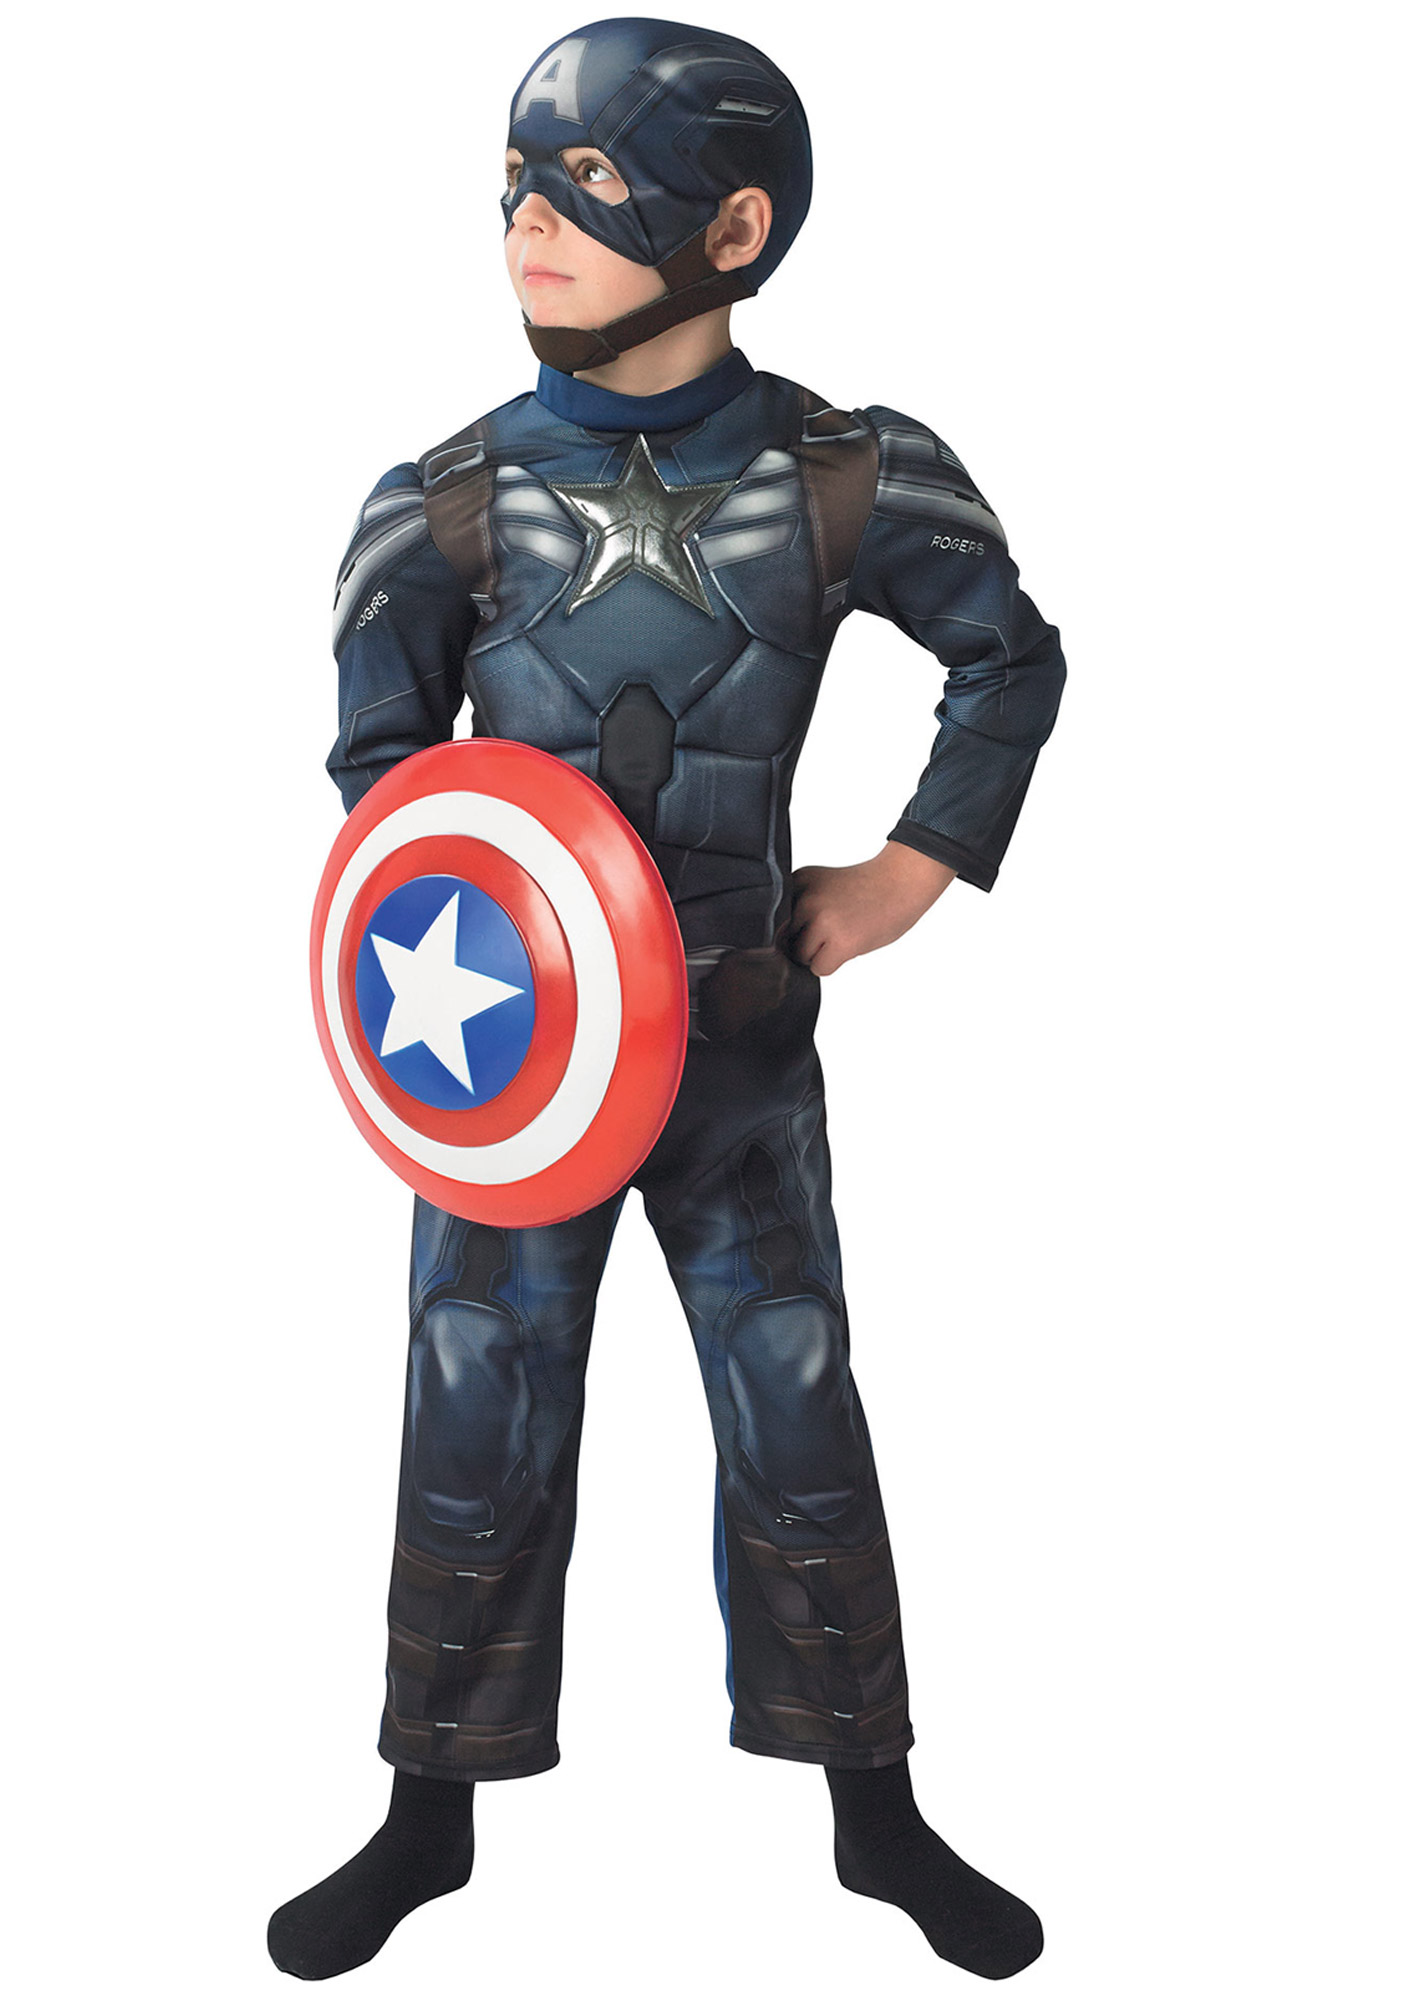 D guisement captain america the winter soldier rembourr - Bouclier capitaine america ...